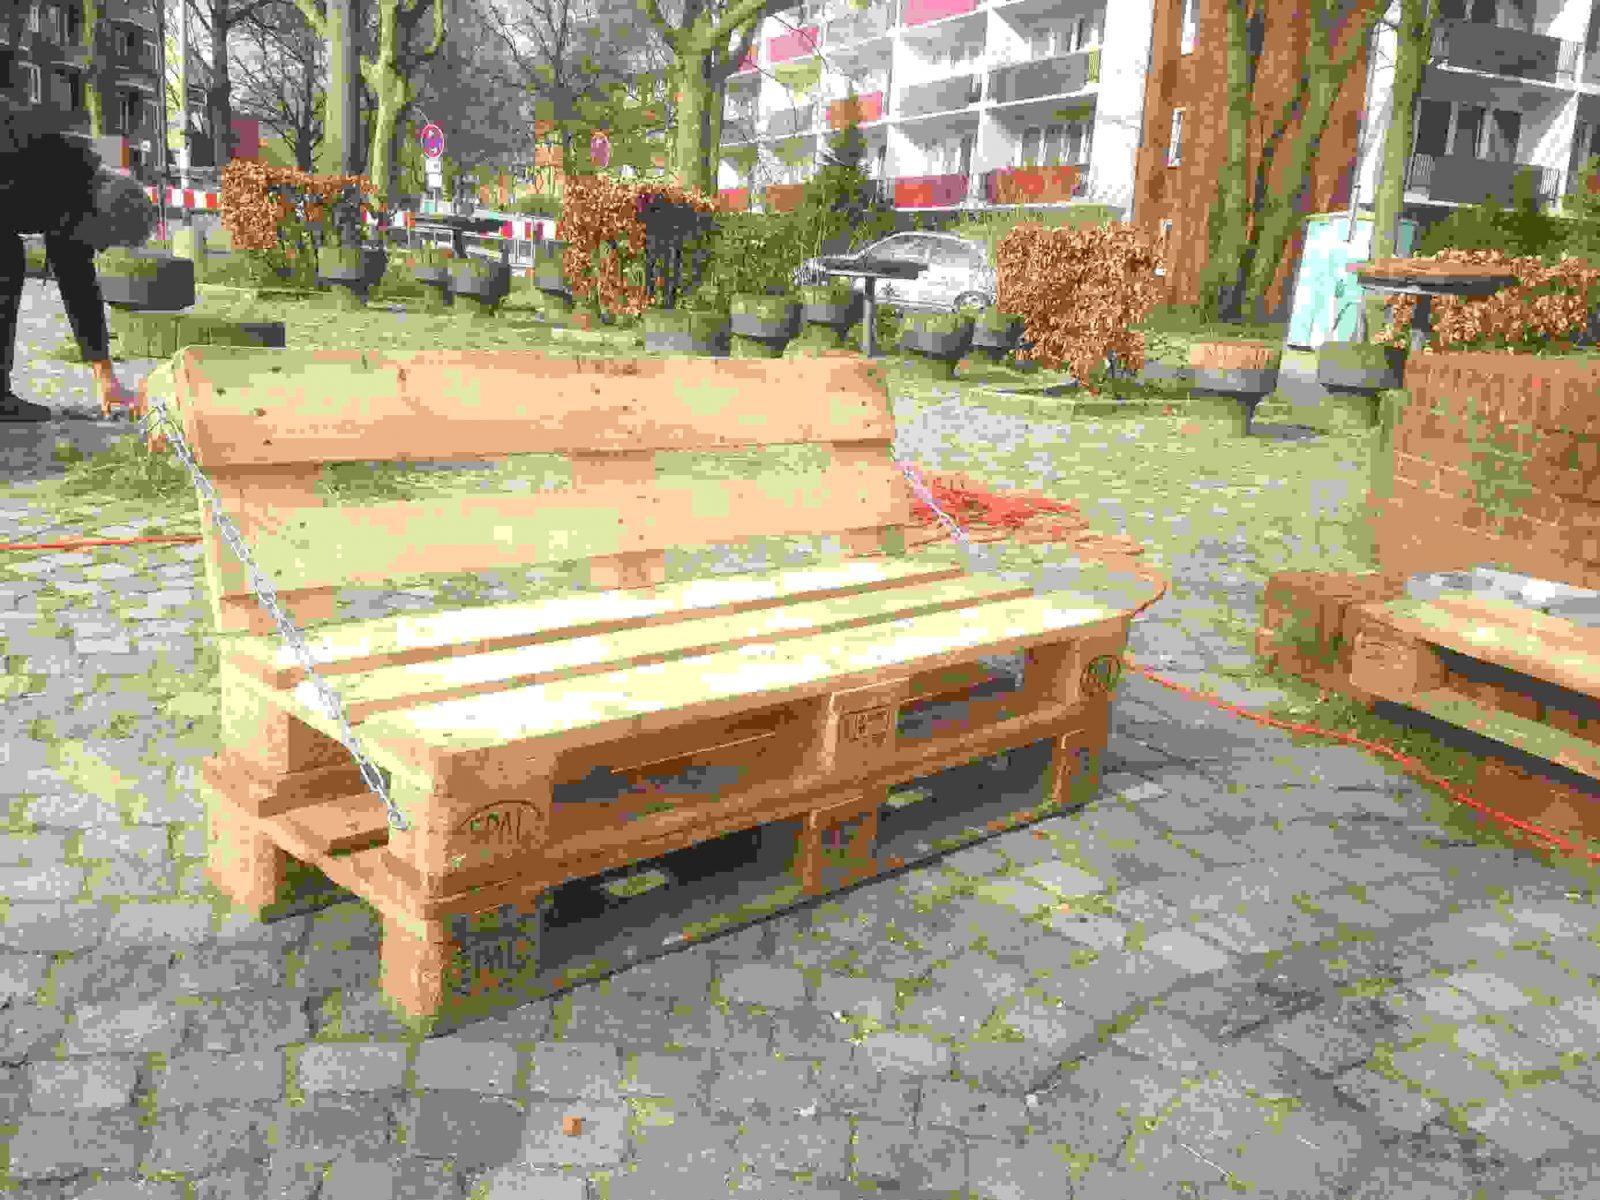 Tolle 40 Sitzecke Garten Selber Bauen Konzept  Einzigartiger Garten von Sitzecke Garten Selber Bauen Bild